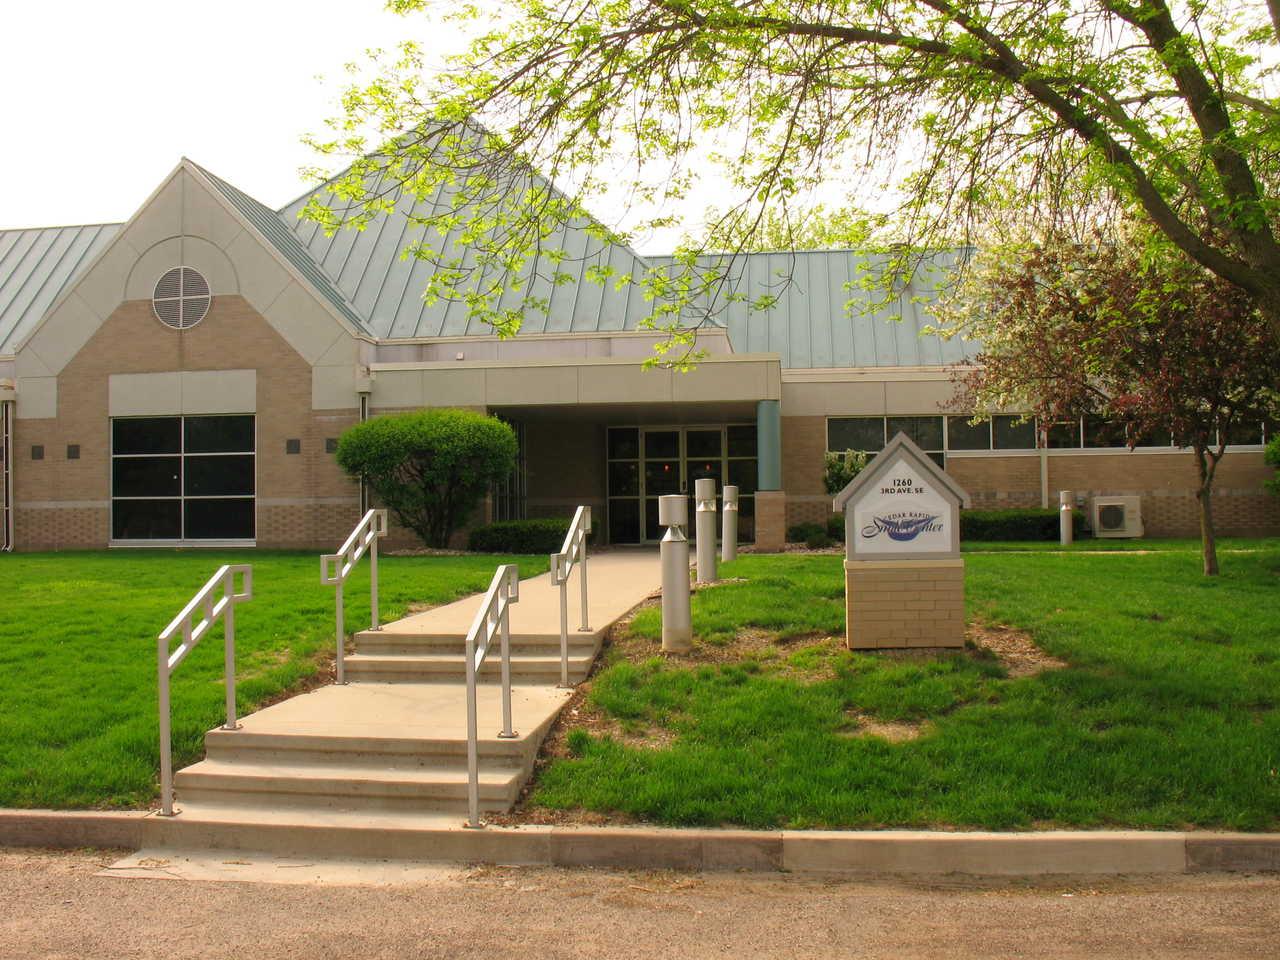 Cedar Rapids Smile Center - Medical - Health Care Facilities in Cedar Rapids IA